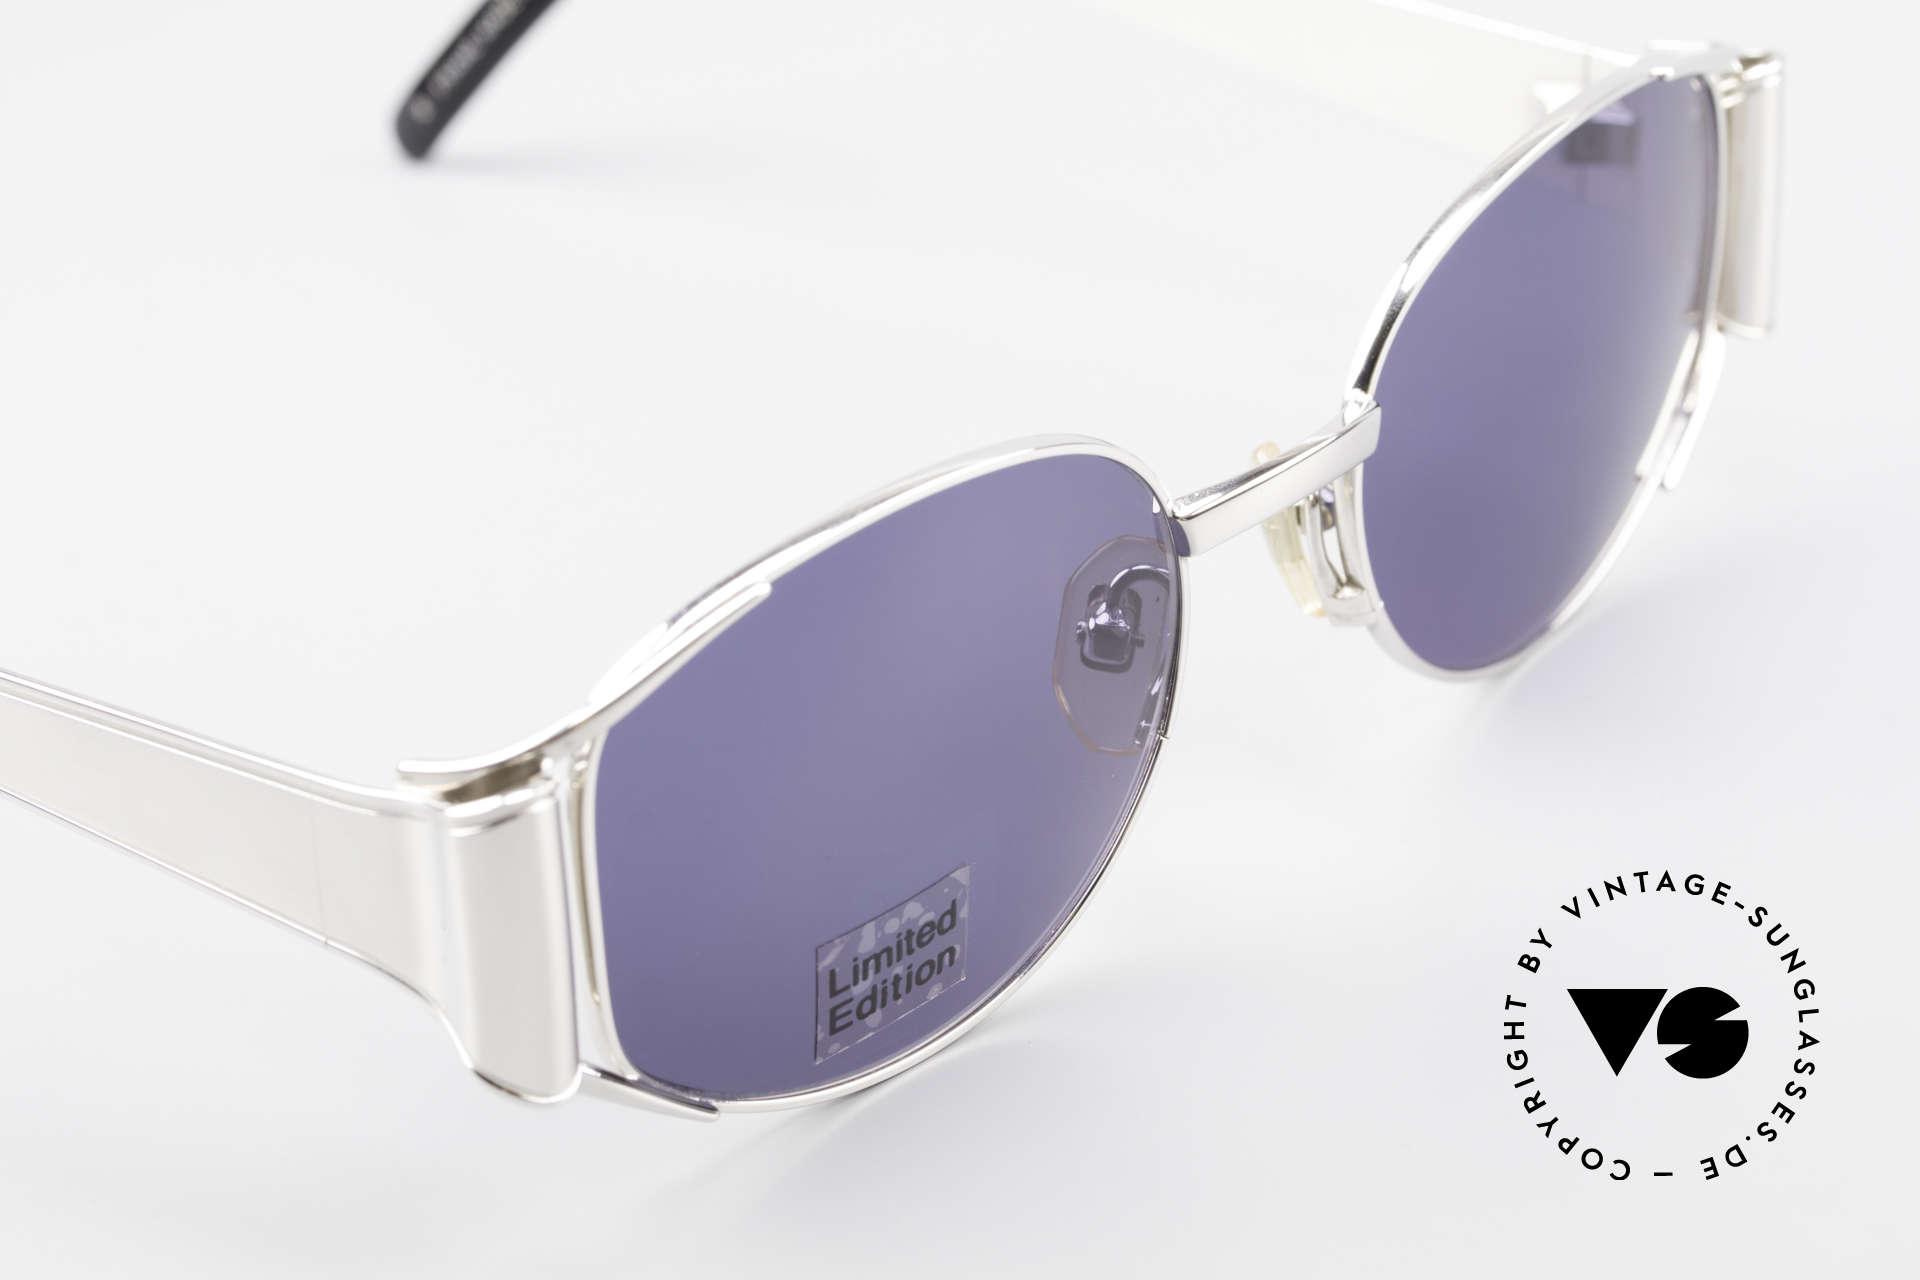 Yohji Yamamoto 52-5107 Limitierte Avantgarde Brille, ungetragen; wie all unsere vintage Design-Sonnenbrillen, Passend für Herren und Damen